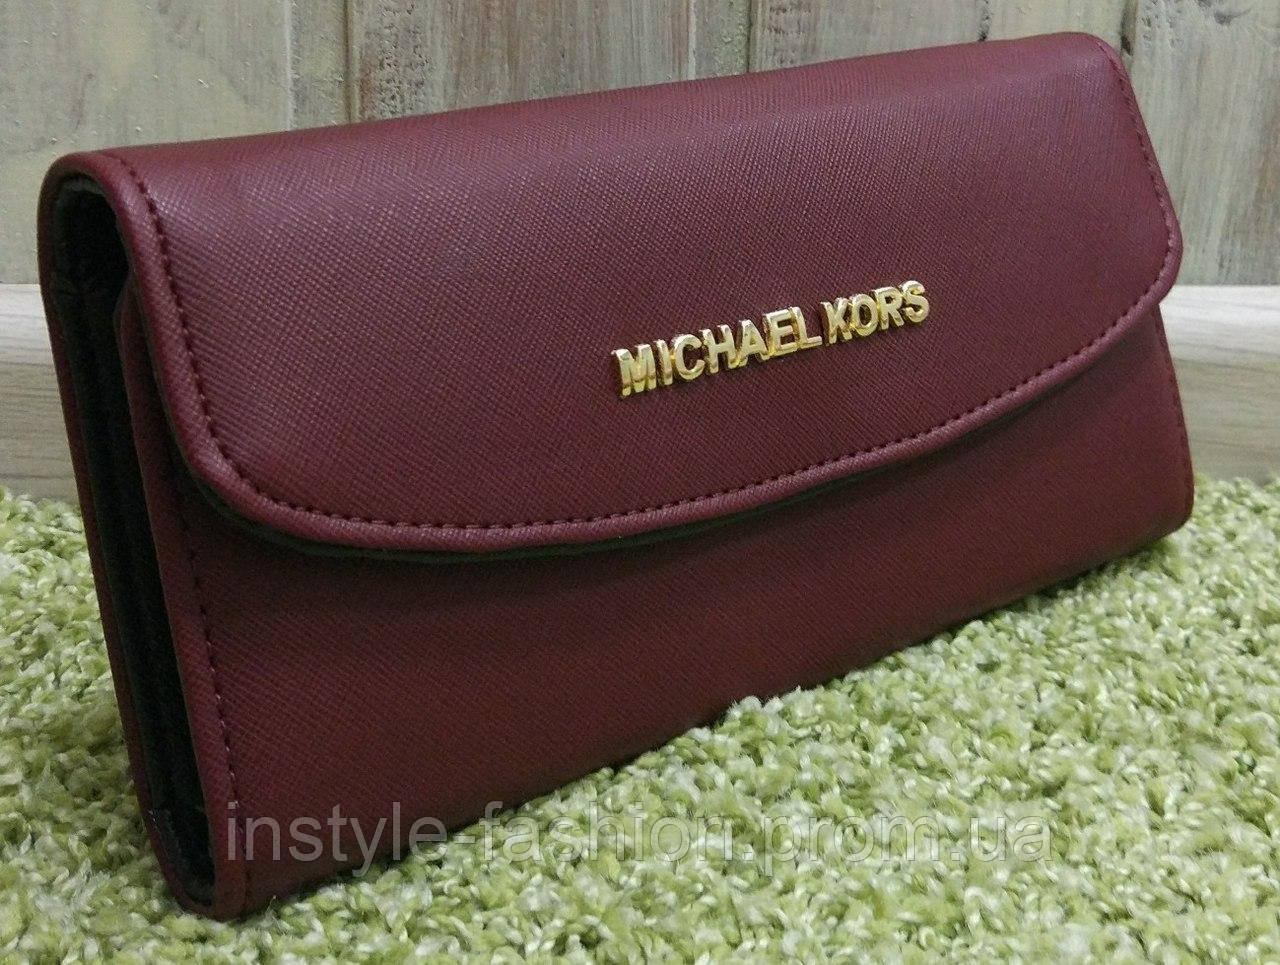 Кошелек женский Майкл Корс Michael Kors раскладной бордовый  купить ... 344589e4bc1